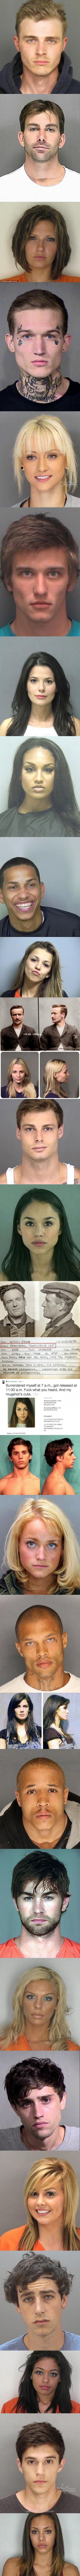 los delincuentes mas guapos